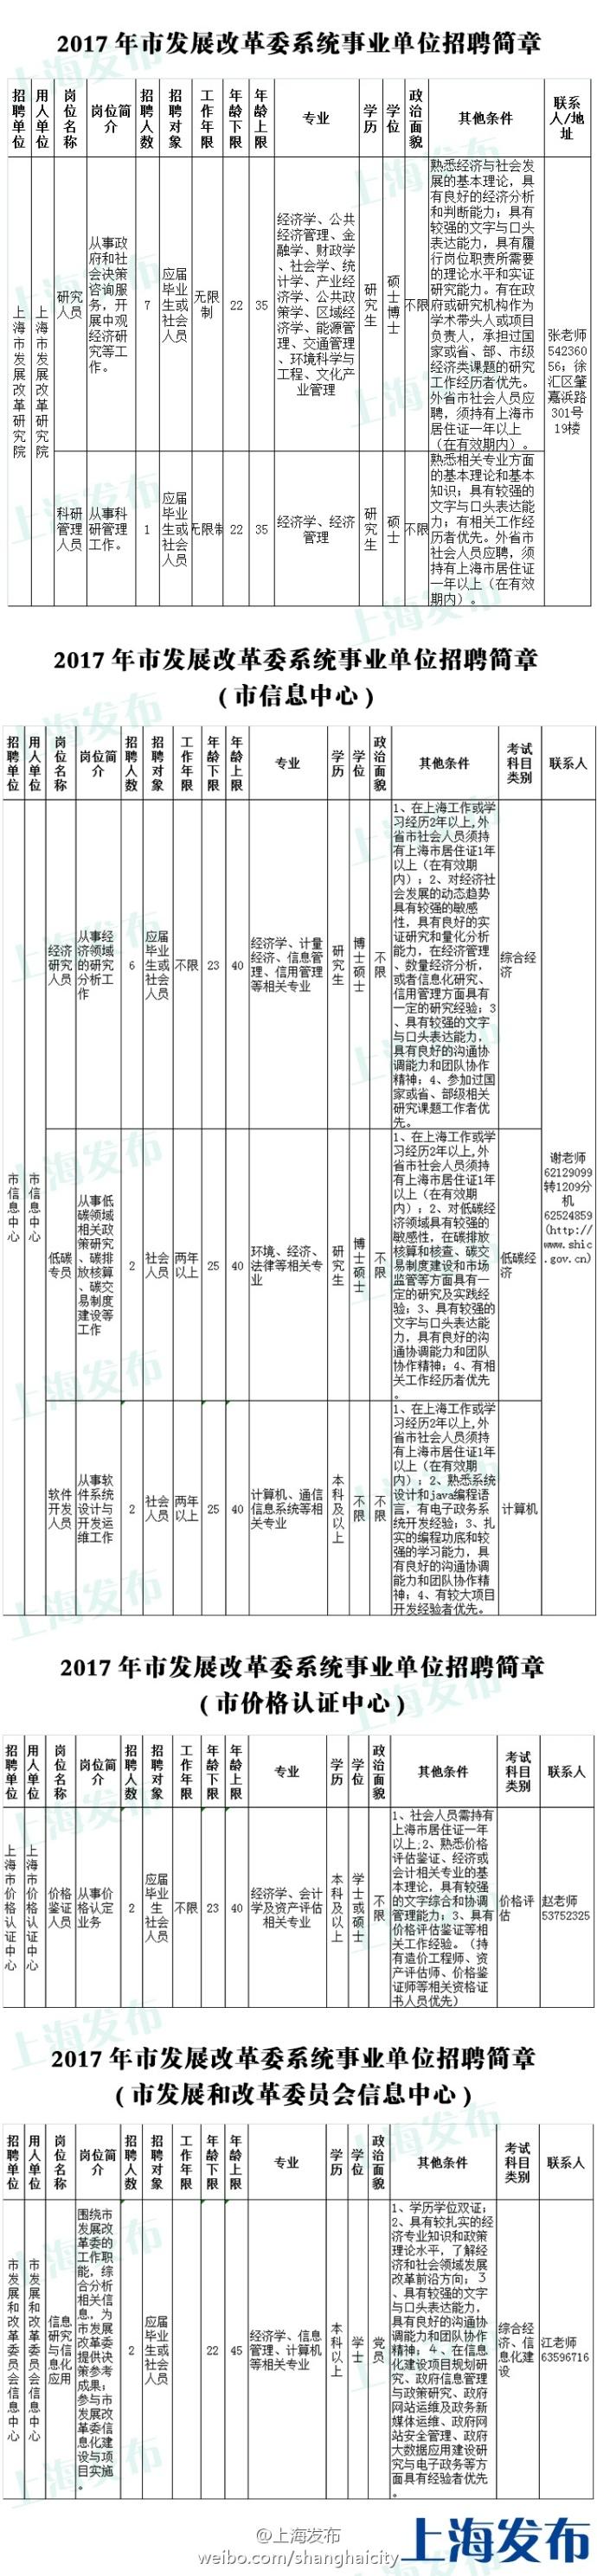 上海发改委系统事业单位拟招22名工作人员 报名启动